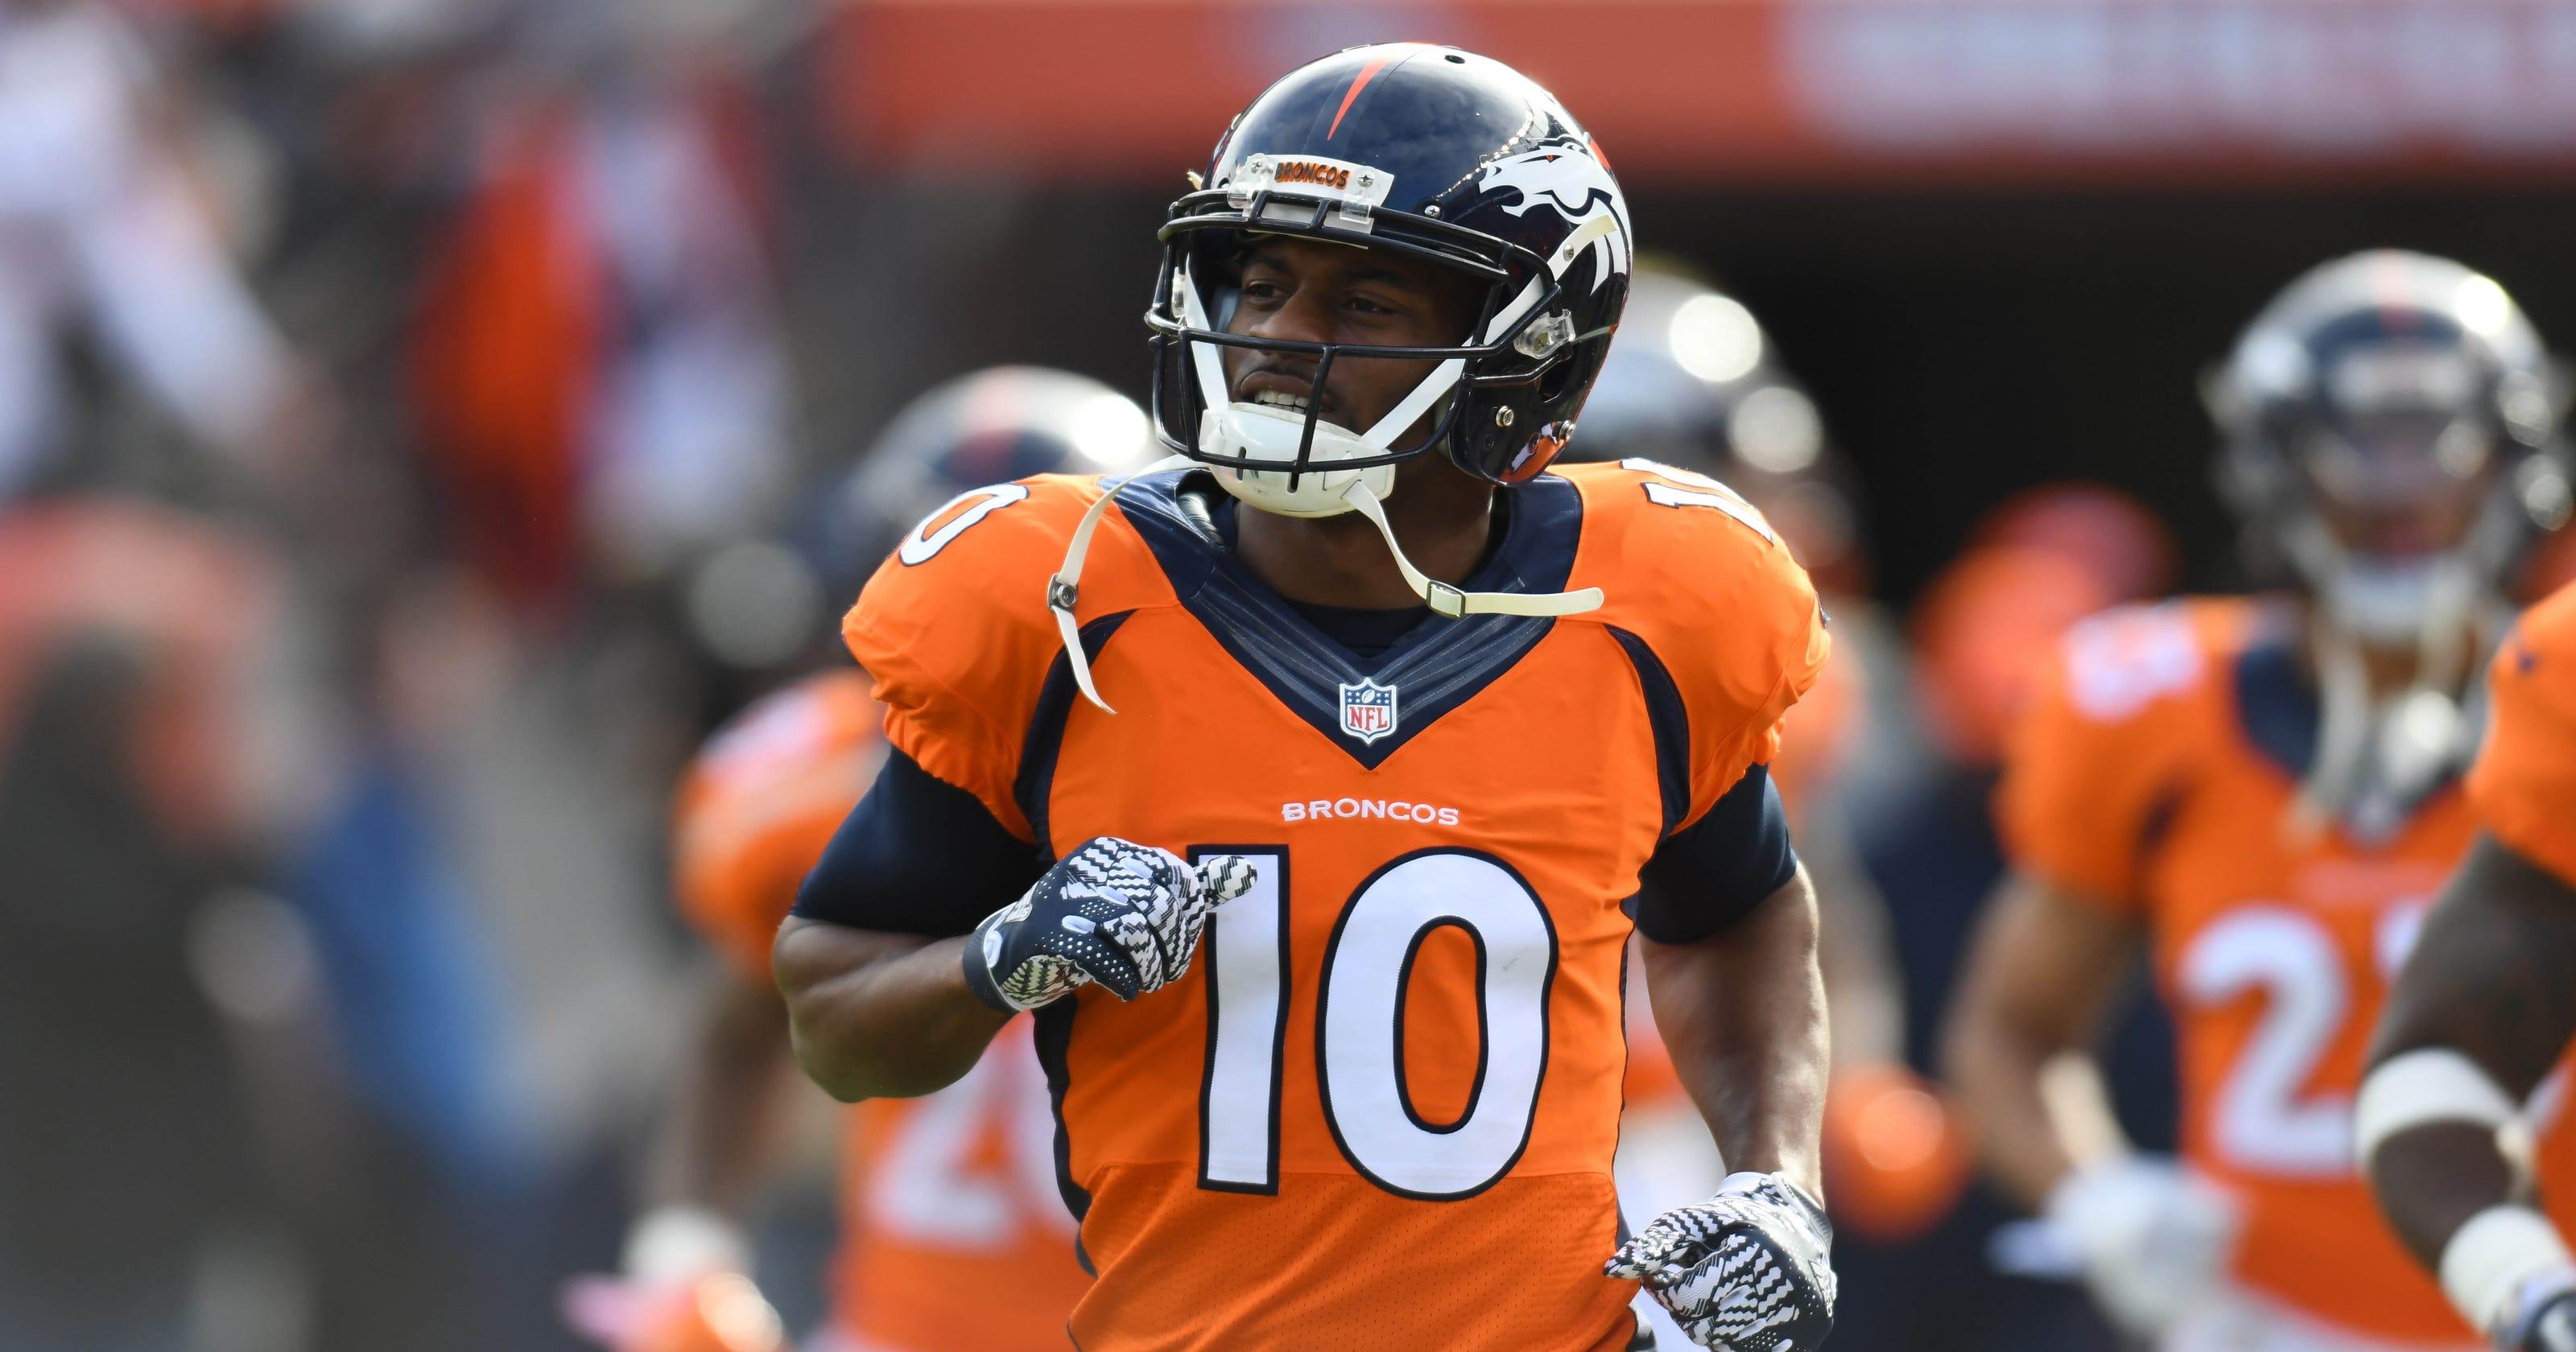 Broncos' Emmanuel Sanders involved in car accident